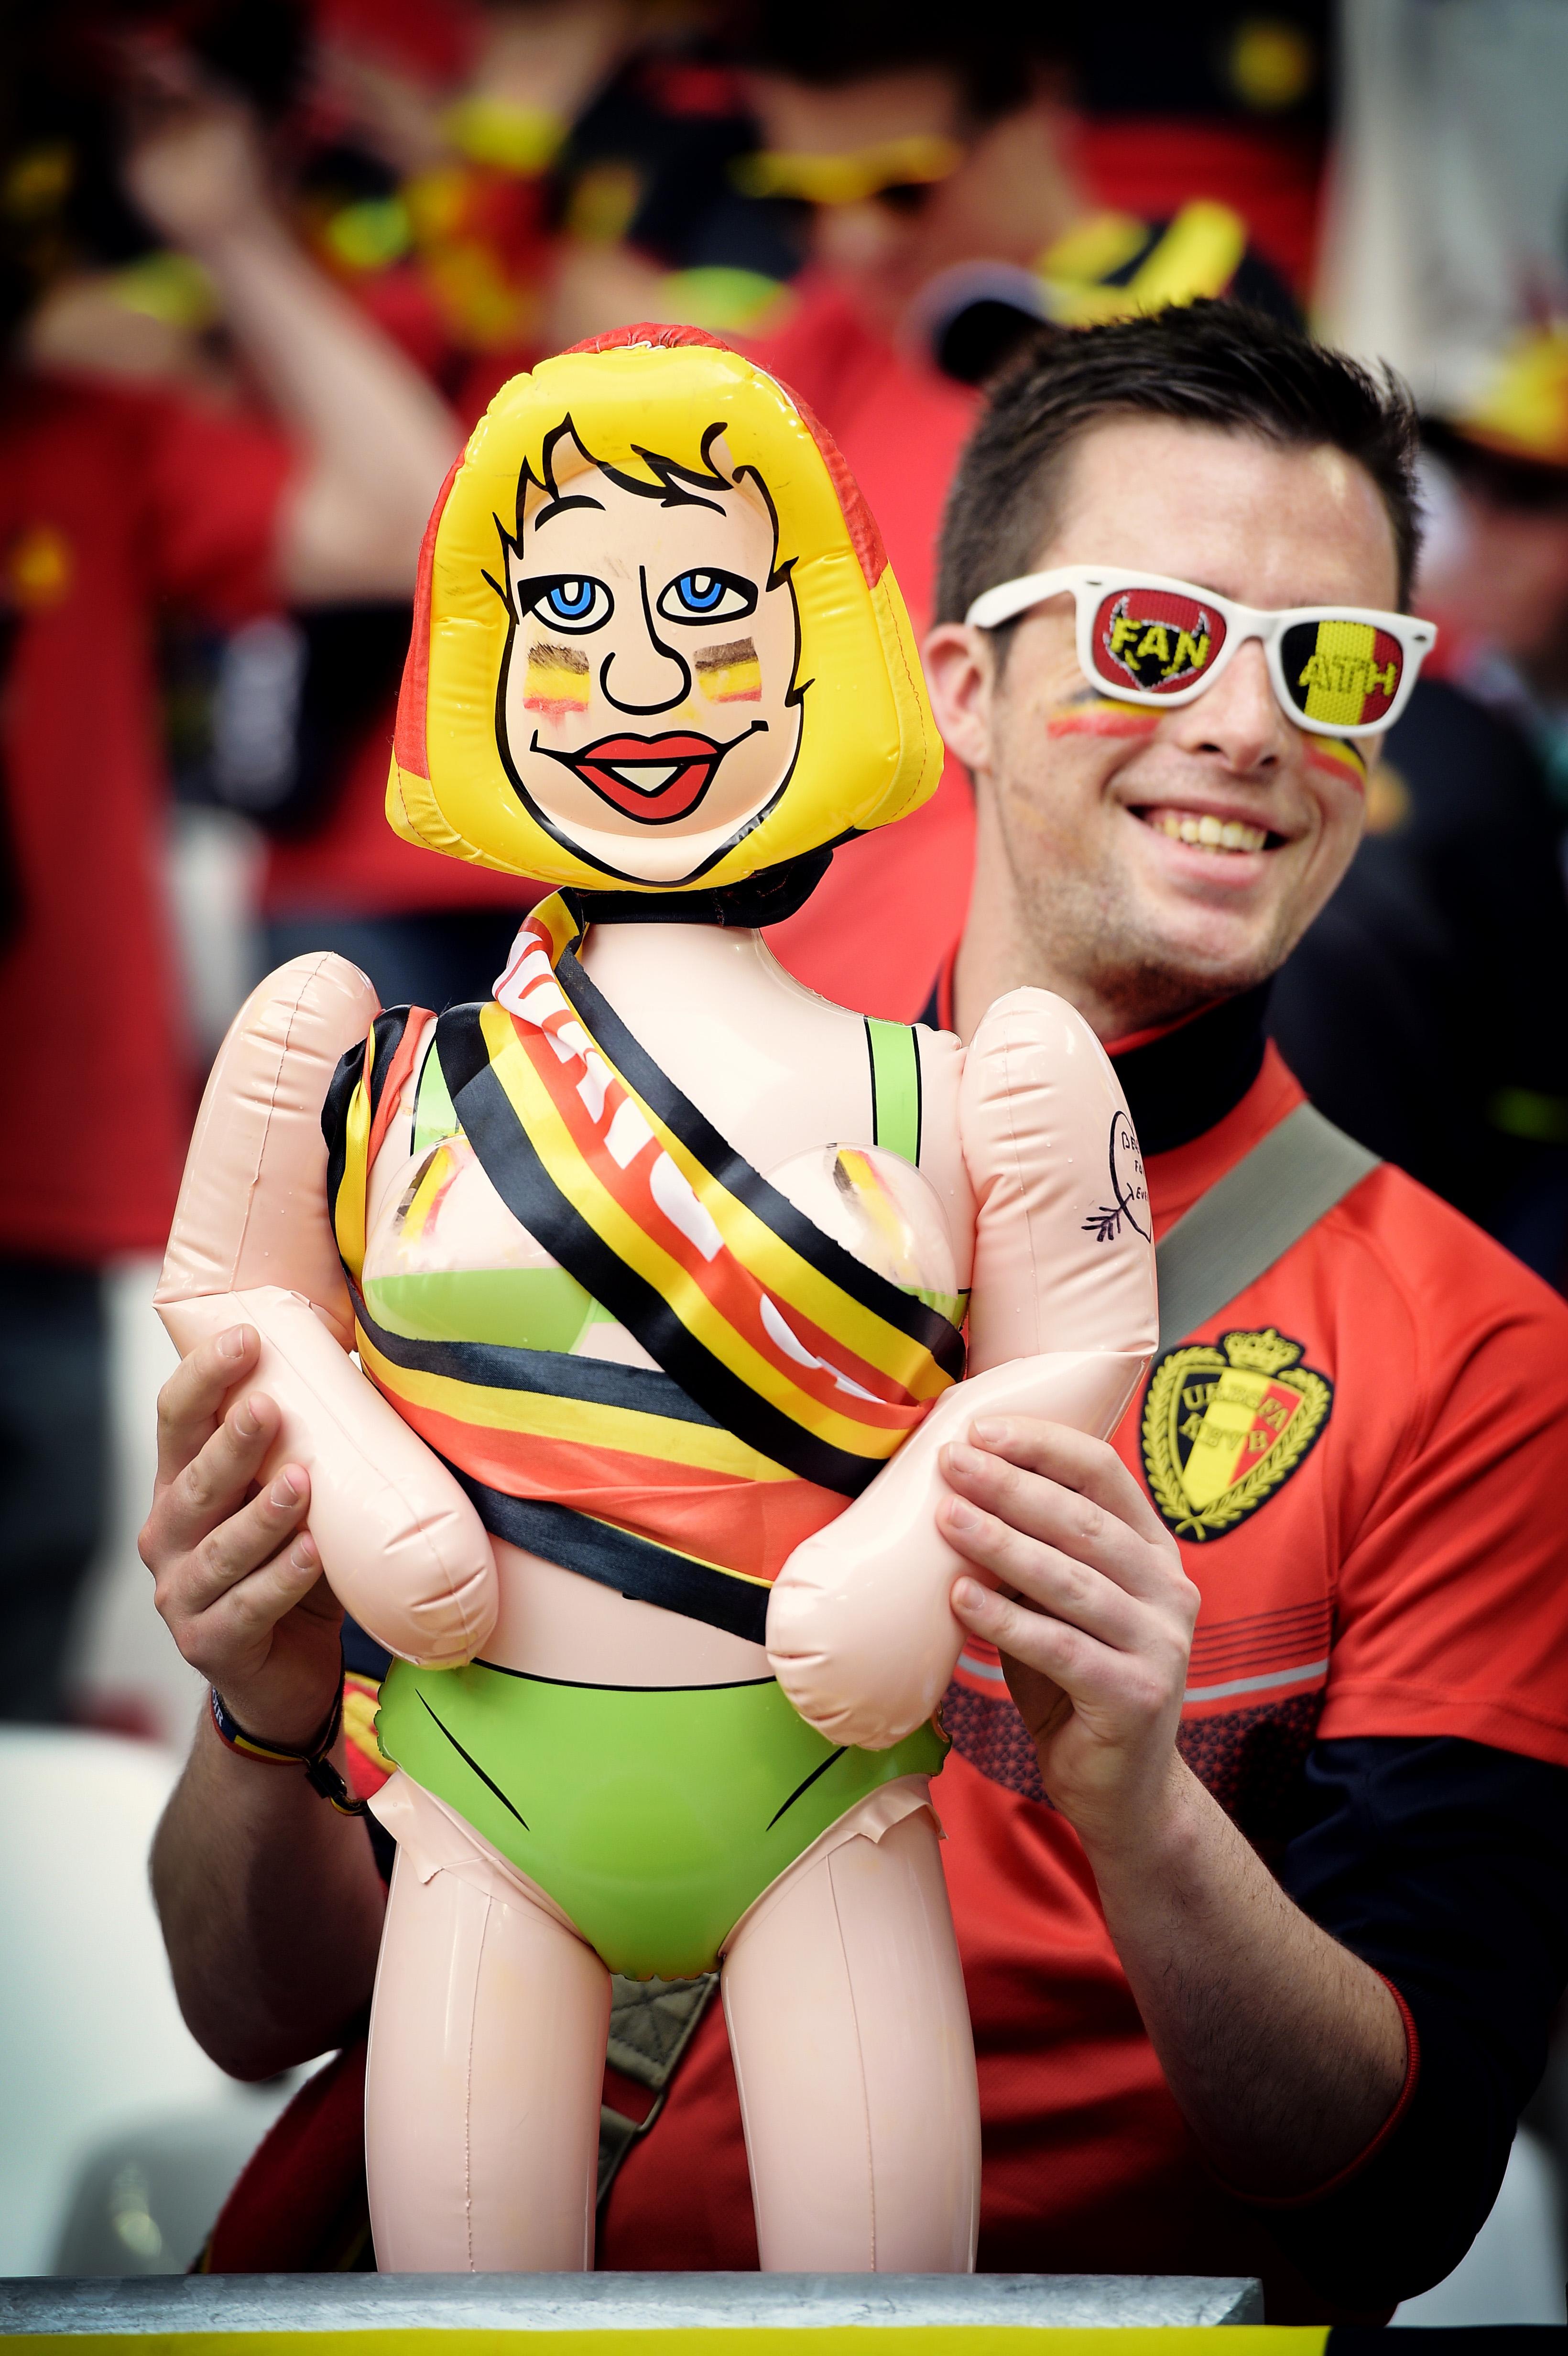 De Belgische supporters laten vijftien andere nationaliteiten achter zich. (foto belga)